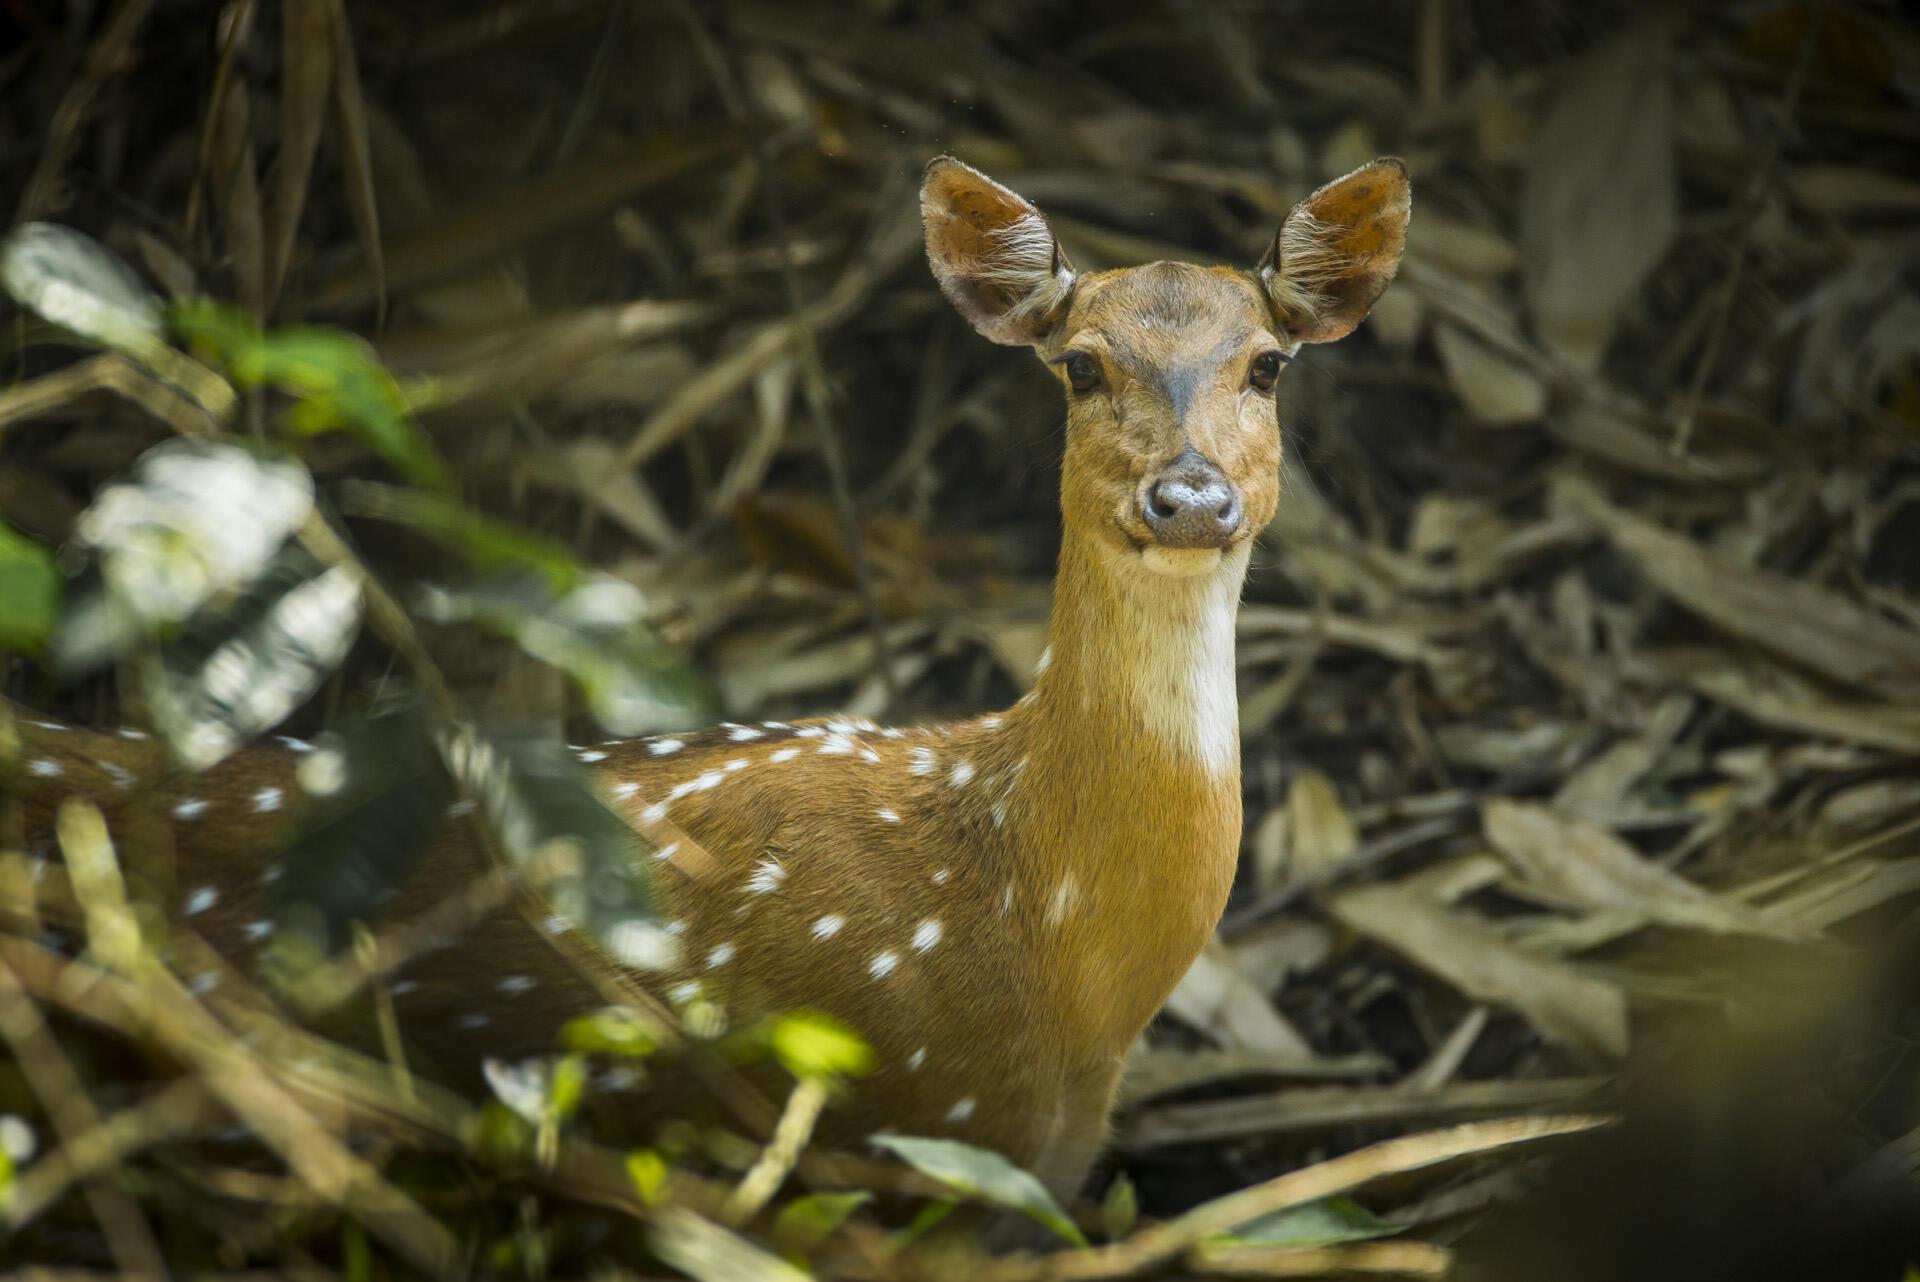 Deeer living at forest  near Meghauli Serai